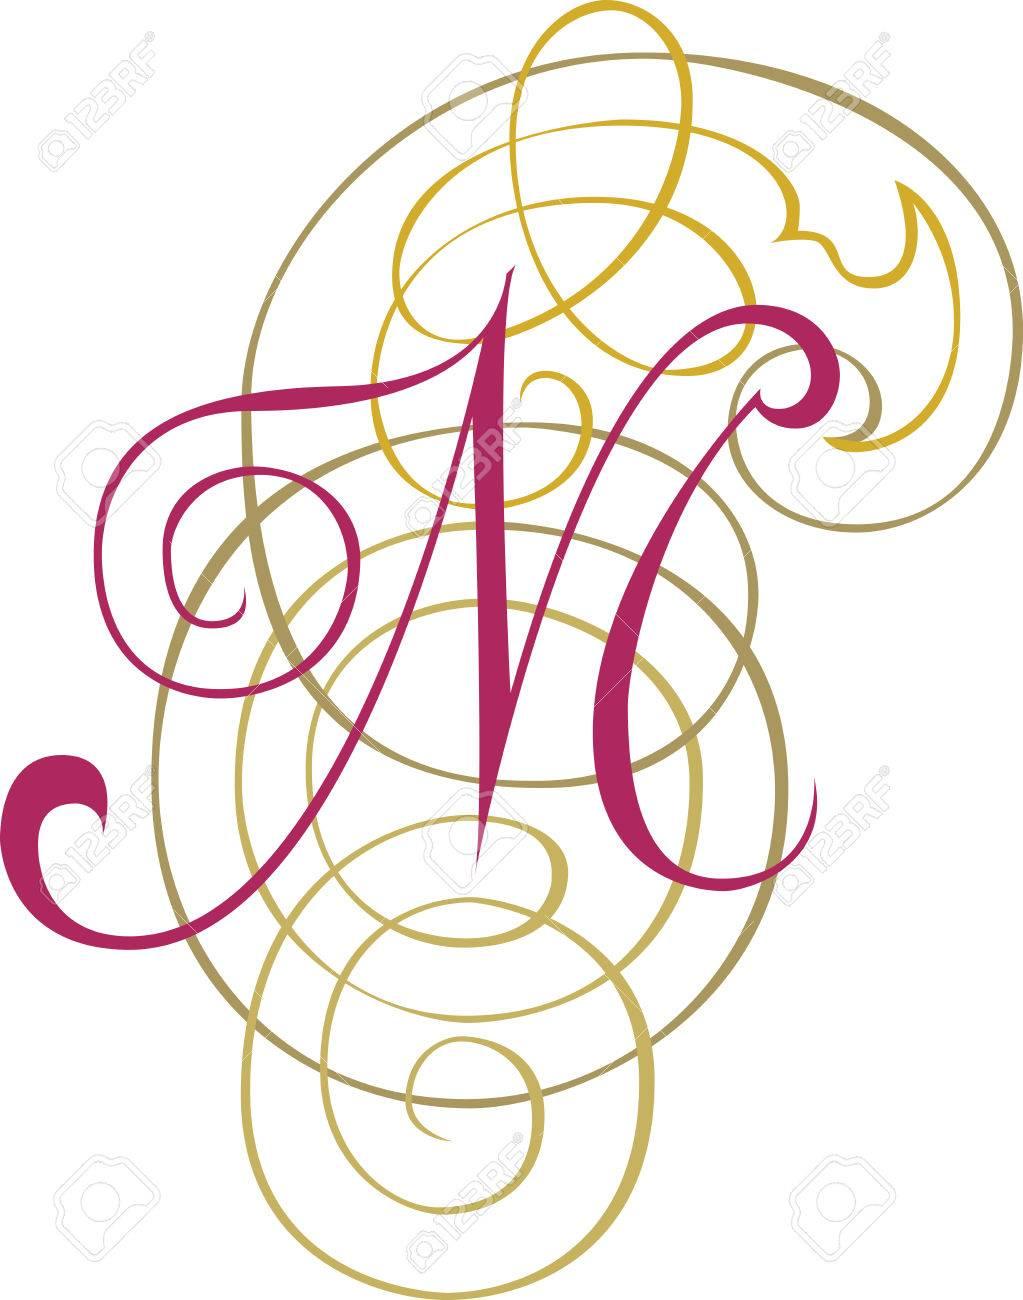 Stylish Alphabets In English Images